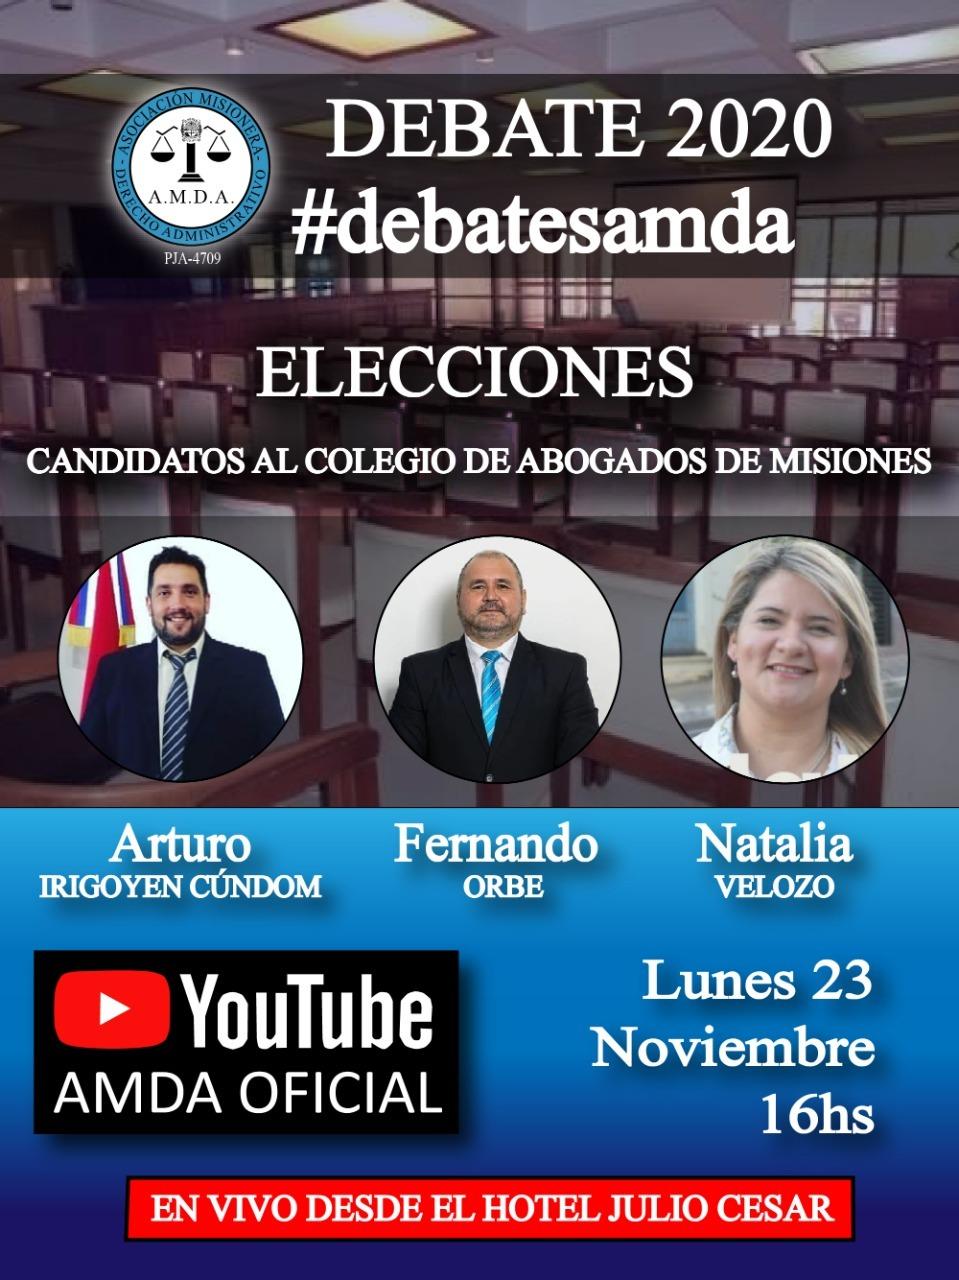 AMDA organiza un debate entre los candidatos a presidir el Colegio de Abogados de Misiones